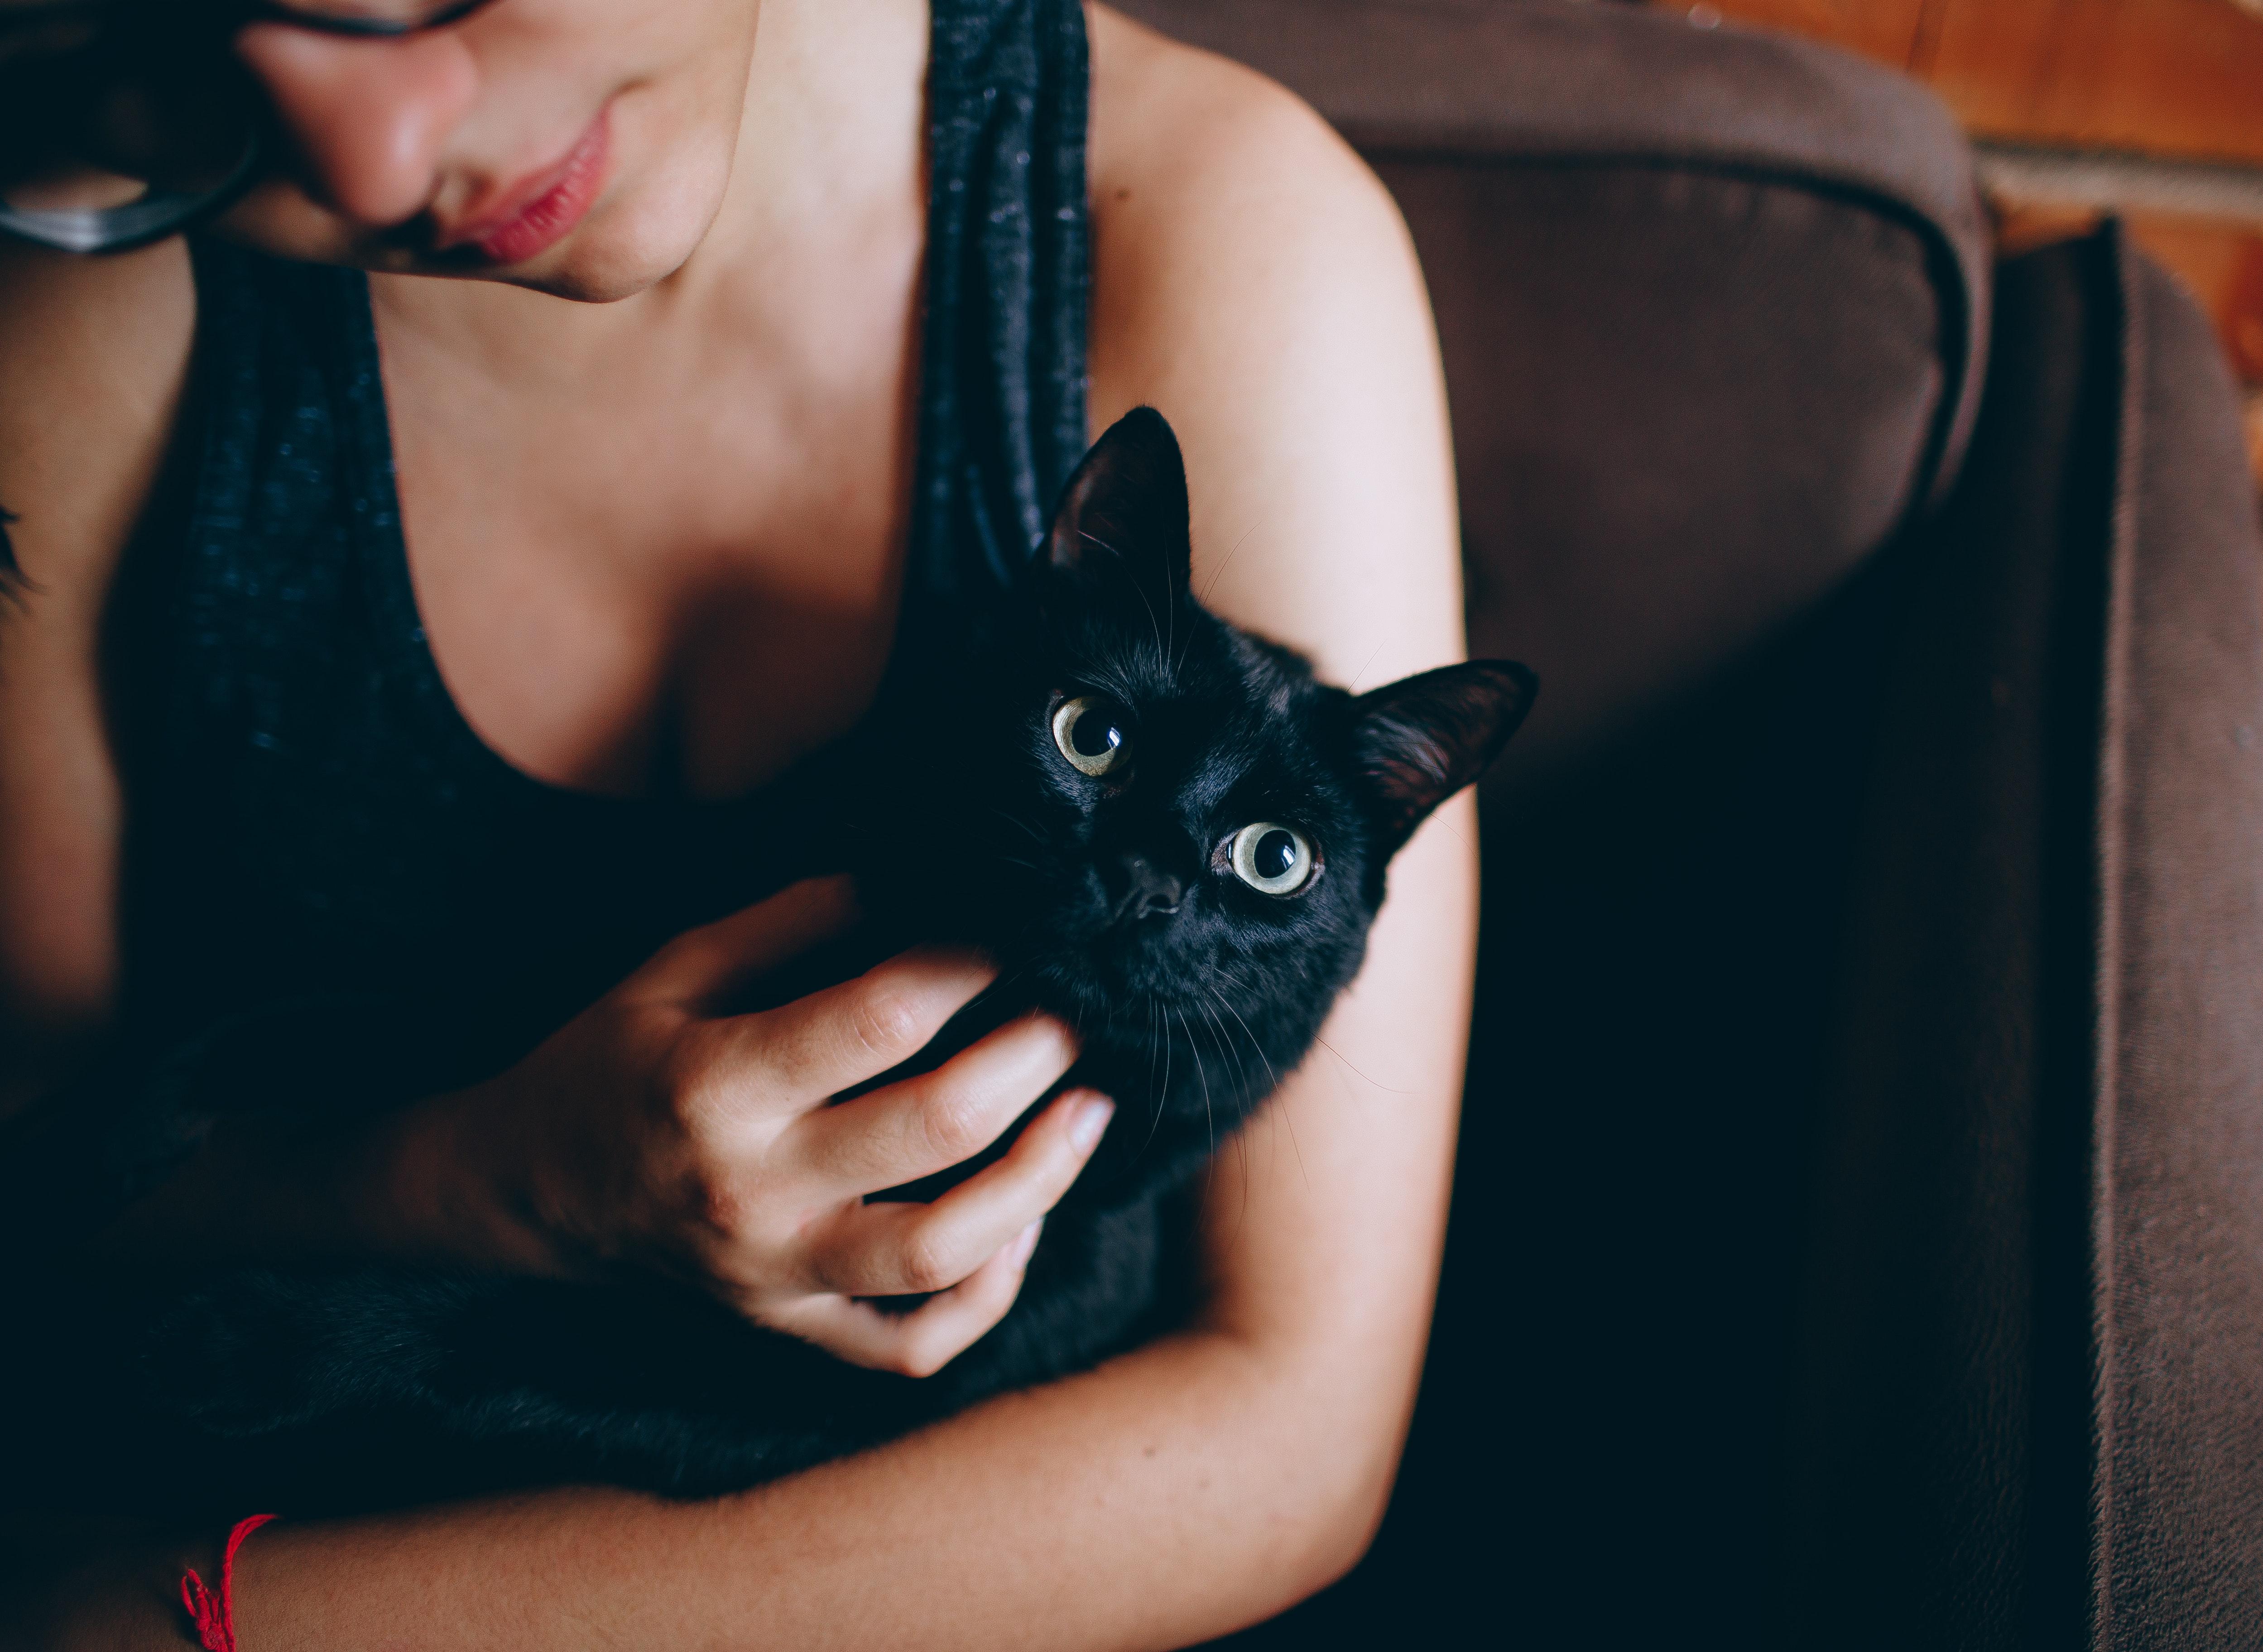 Блондинка с черным котом картинки